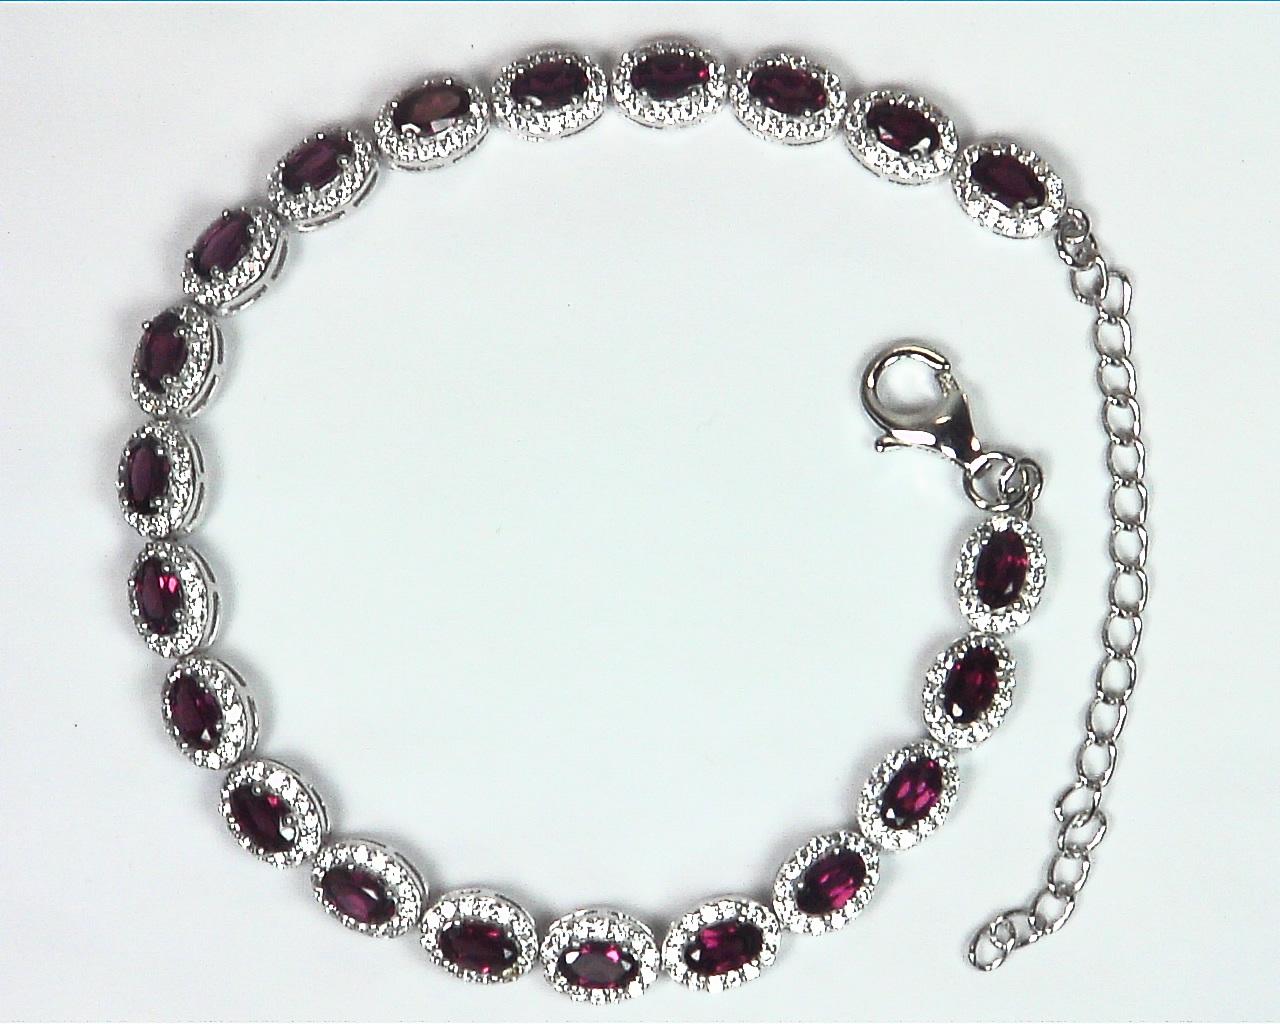 Garnet Natural Genuine Gemstone Bracelet Set in Sterling Silver BR,789